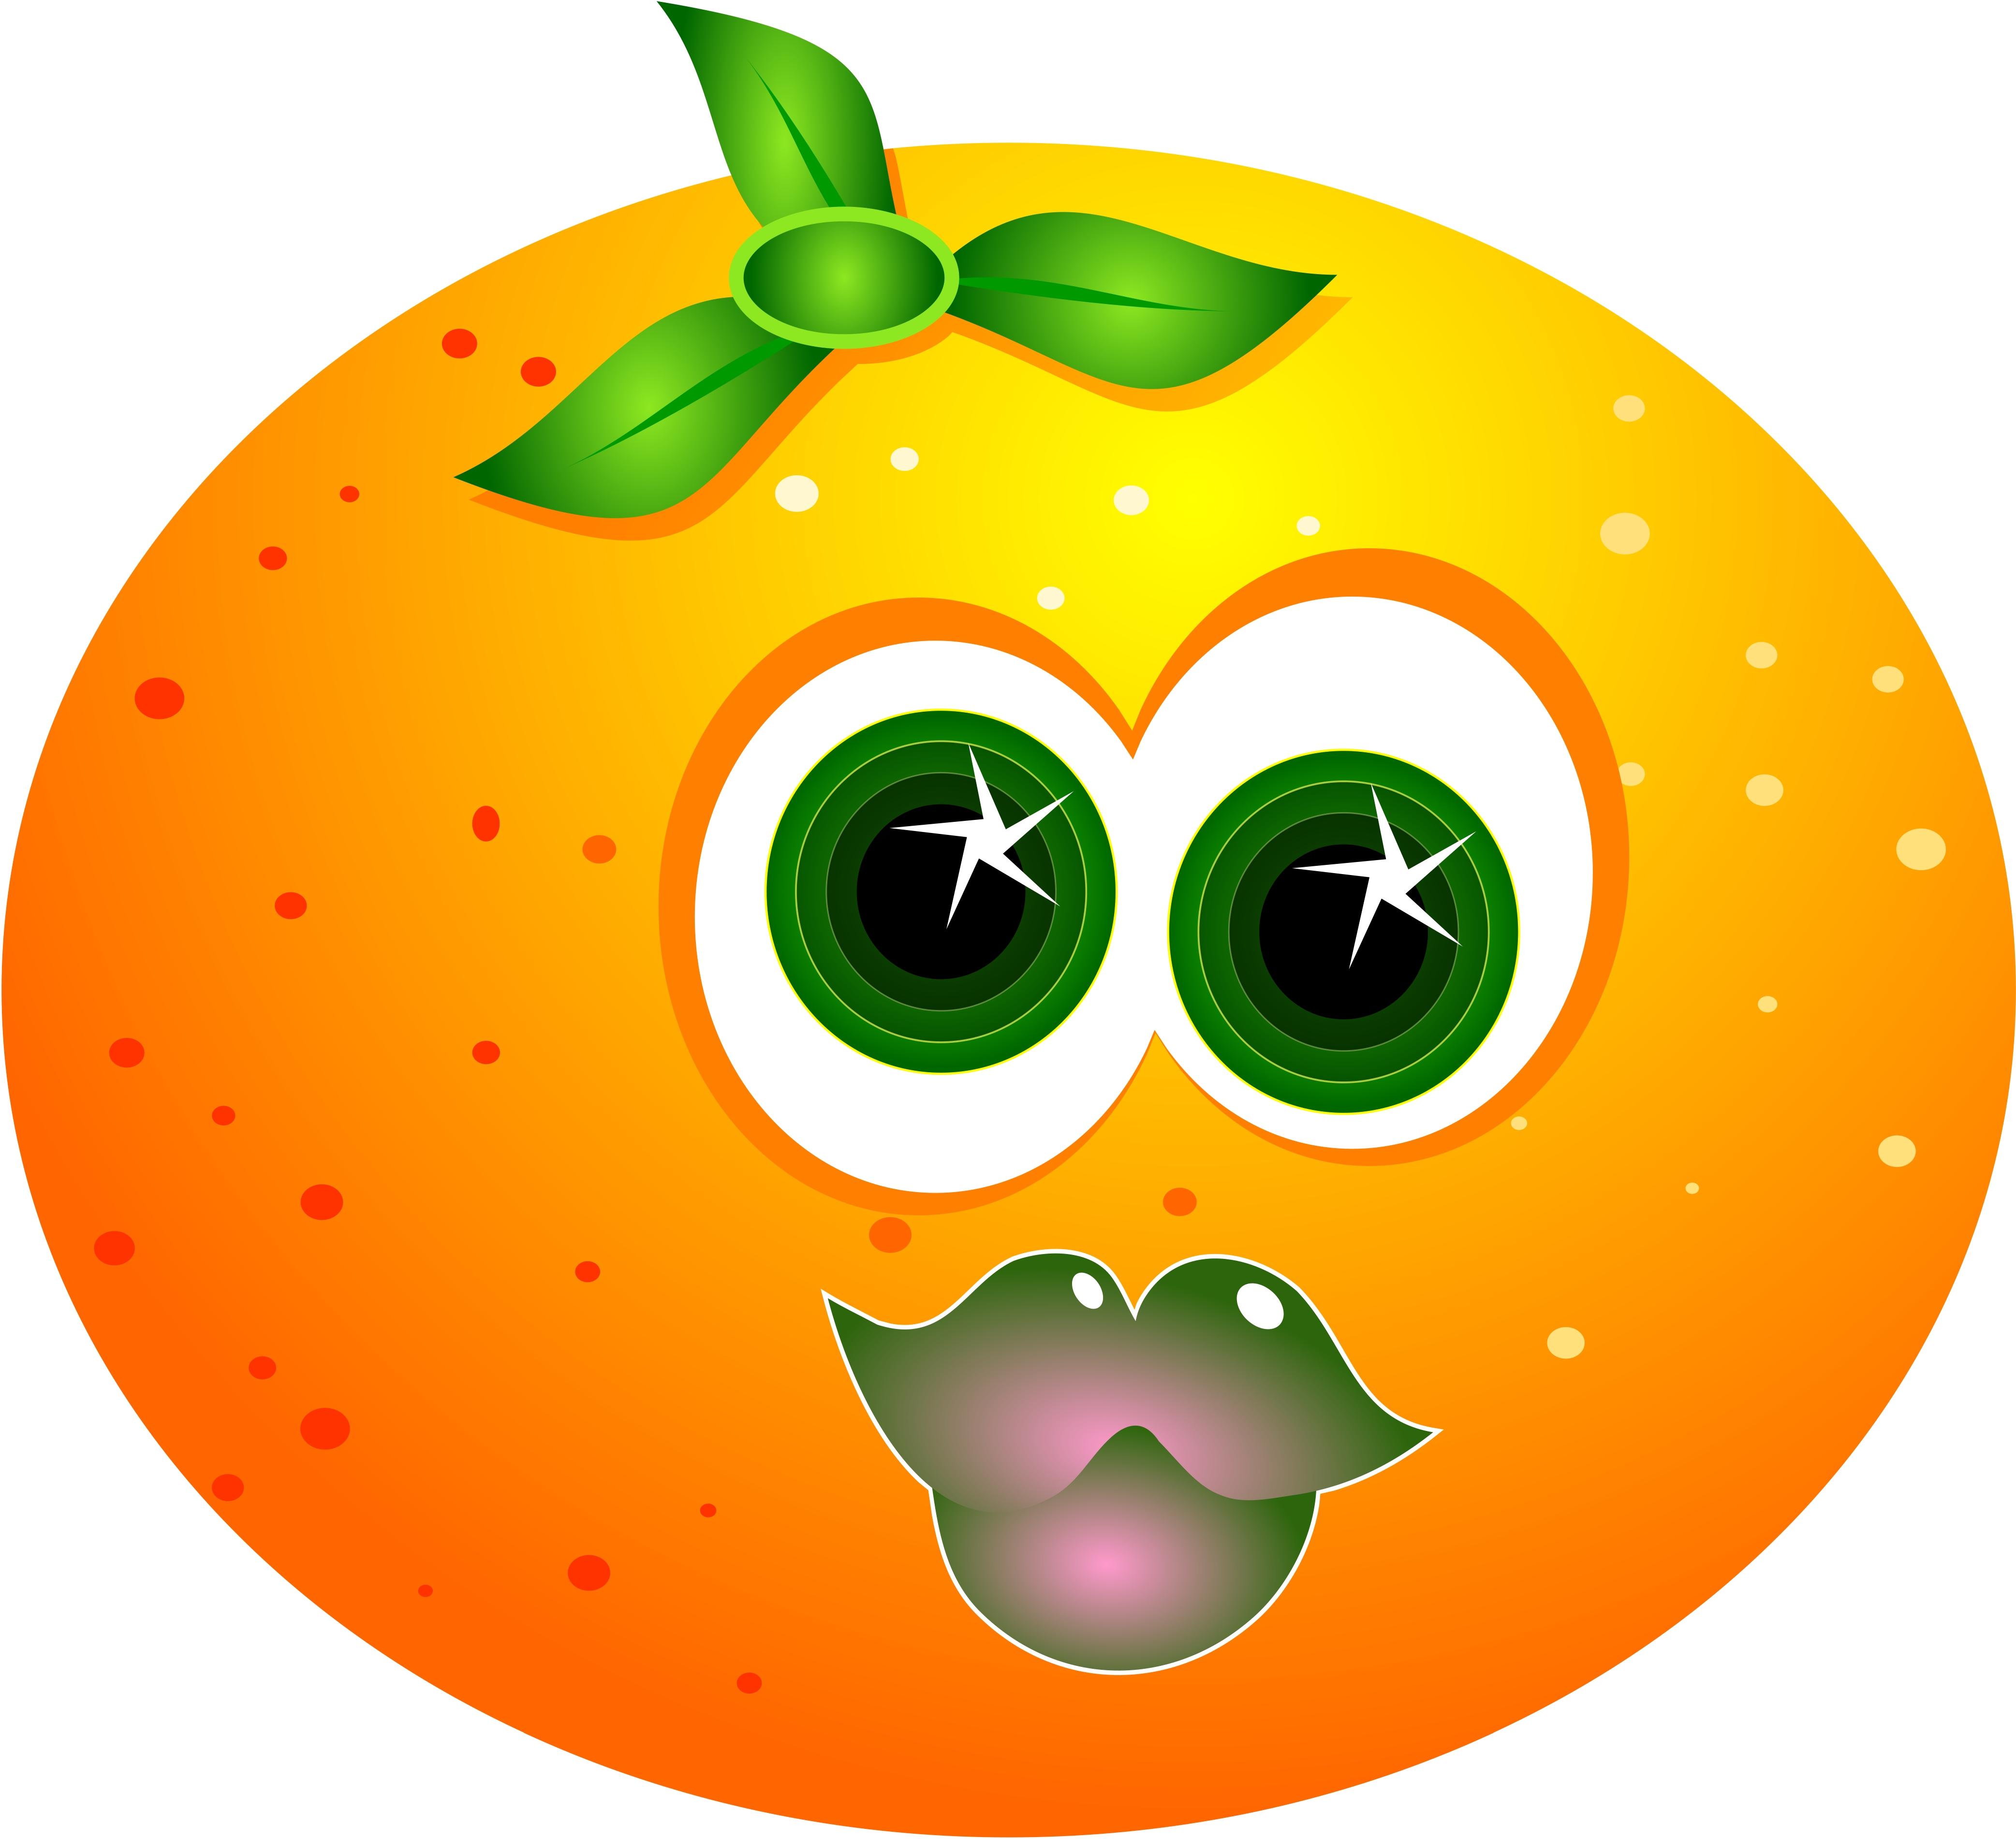 Peach clipart cute Art Images at Free art